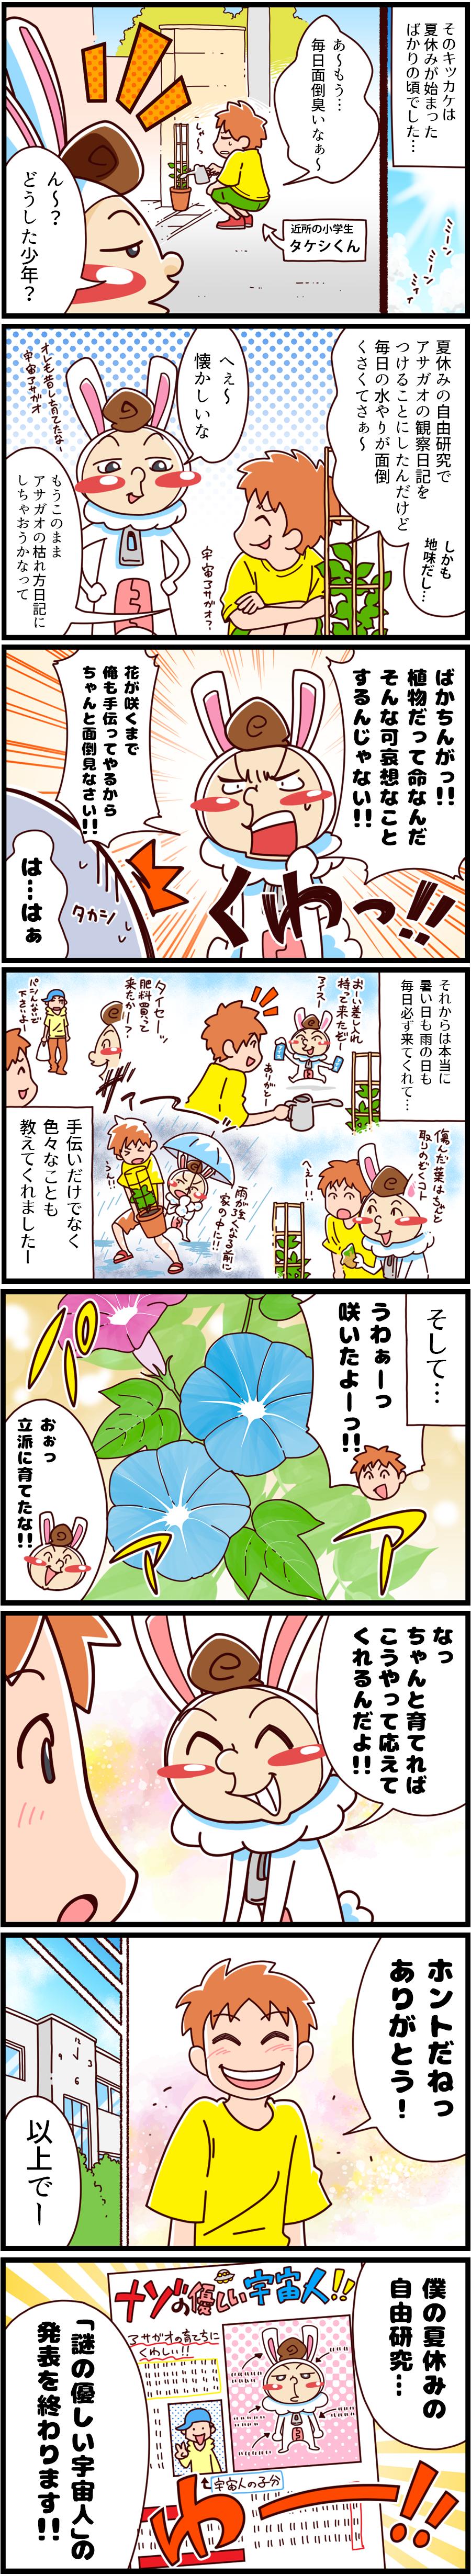 第47話 夏休みの自由研究